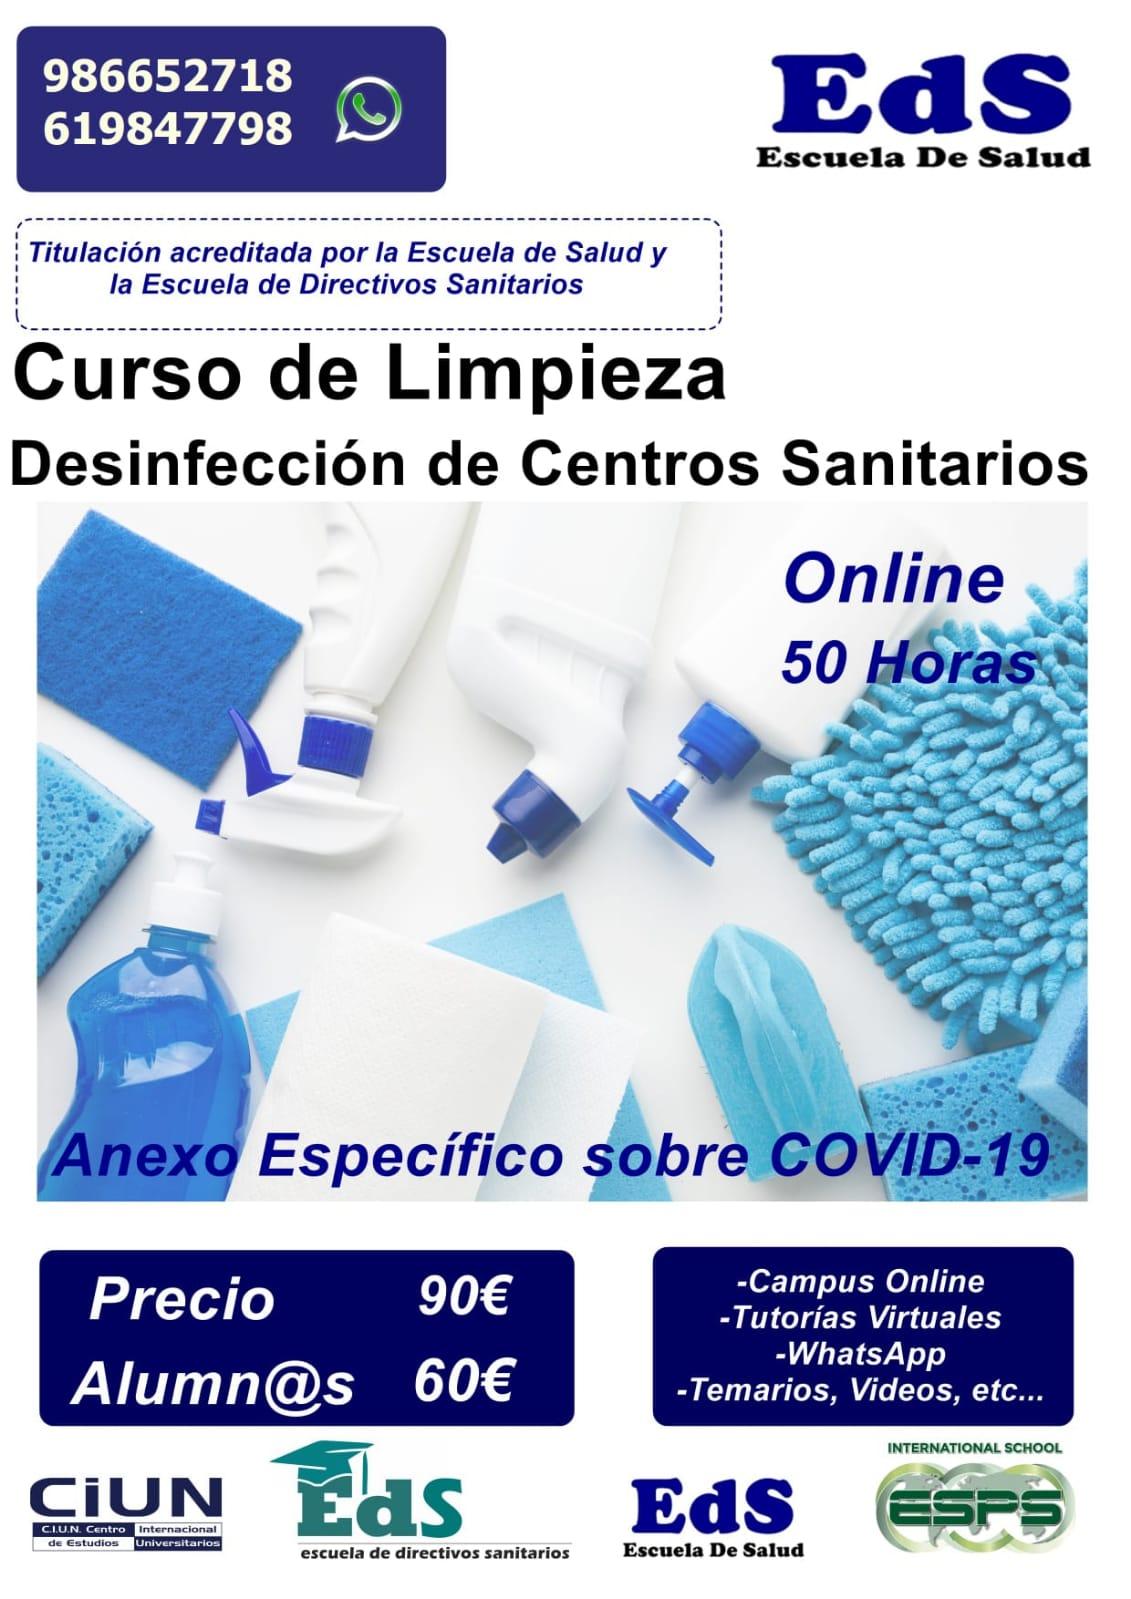 Curso especial COVID 19 Limpieza y desinfeccion de centros sanitarios